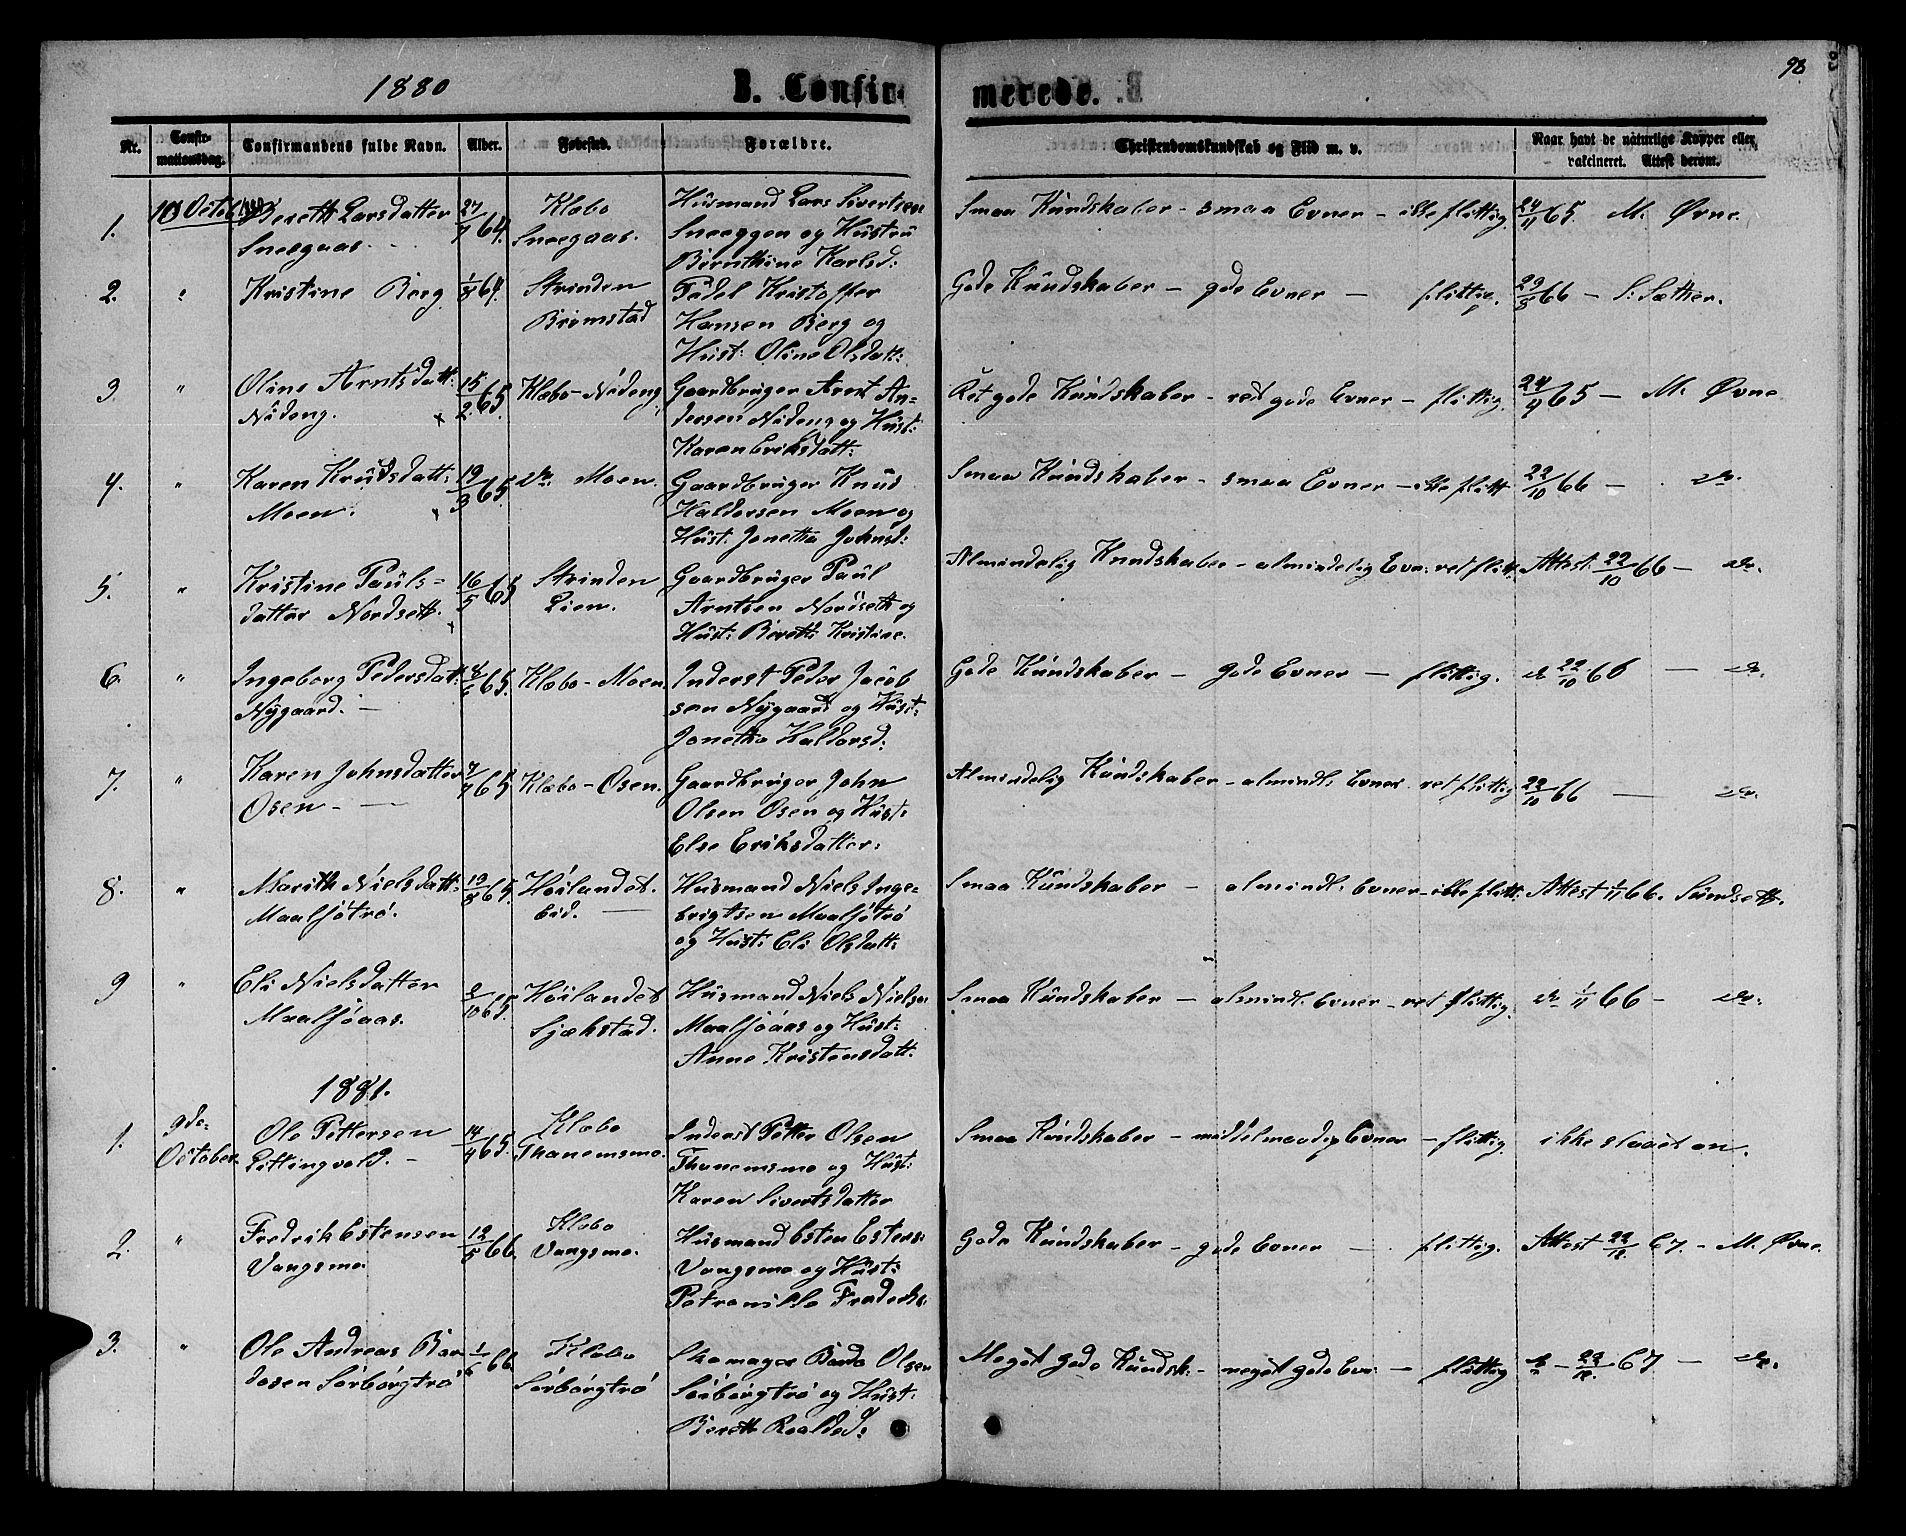 SAT, Ministerialprotokoller, klokkerbøker og fødselsregistre - Sør-Trøndelag, 618/L0451: Klokkerbok nr. 618C02, 1865-1883, s. 98